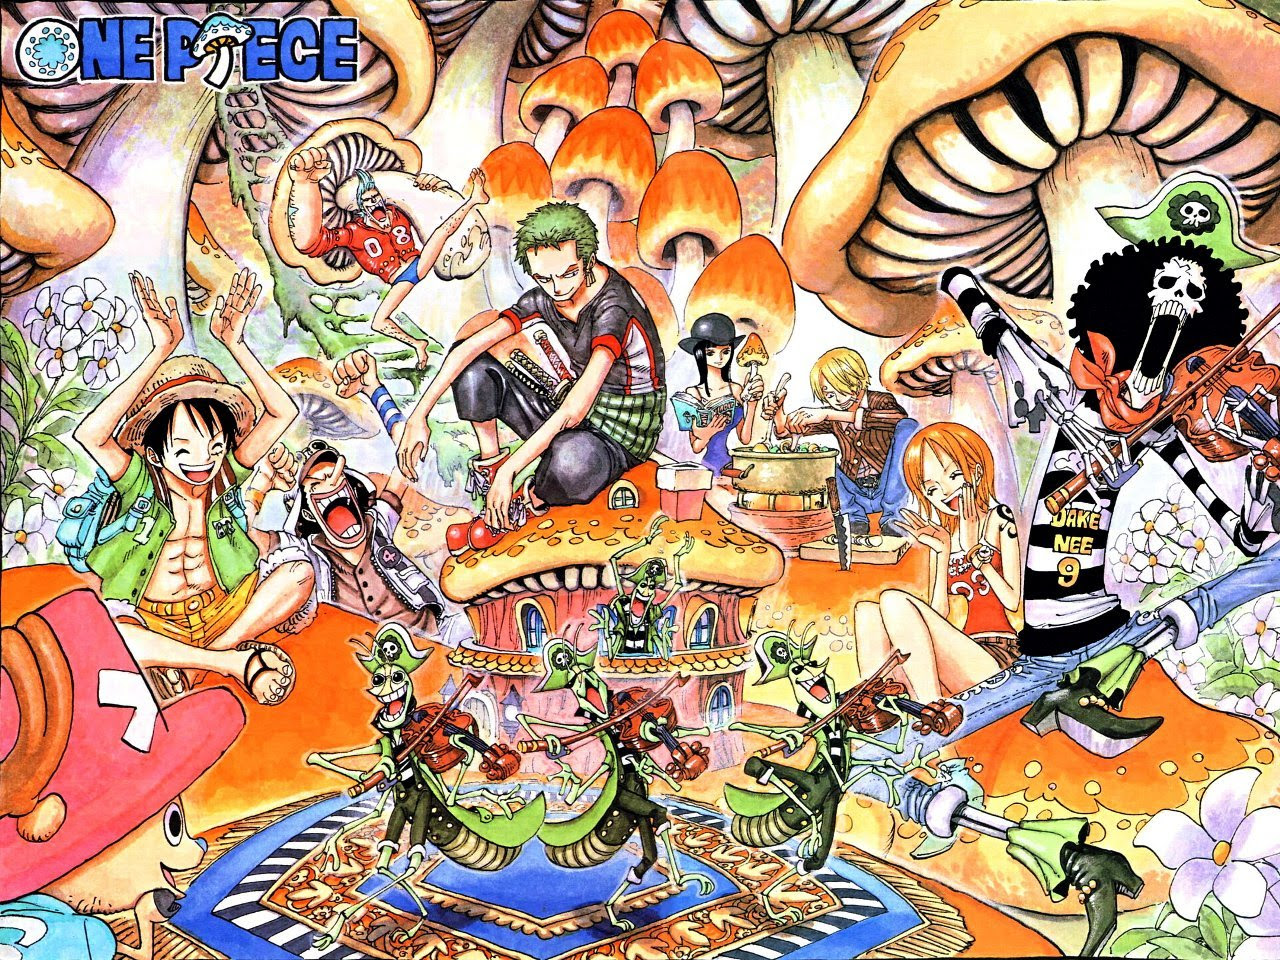 画像 ワンピース One Piece 壁紙まとめ 尾田栄一郎 ルフィ ゾロ